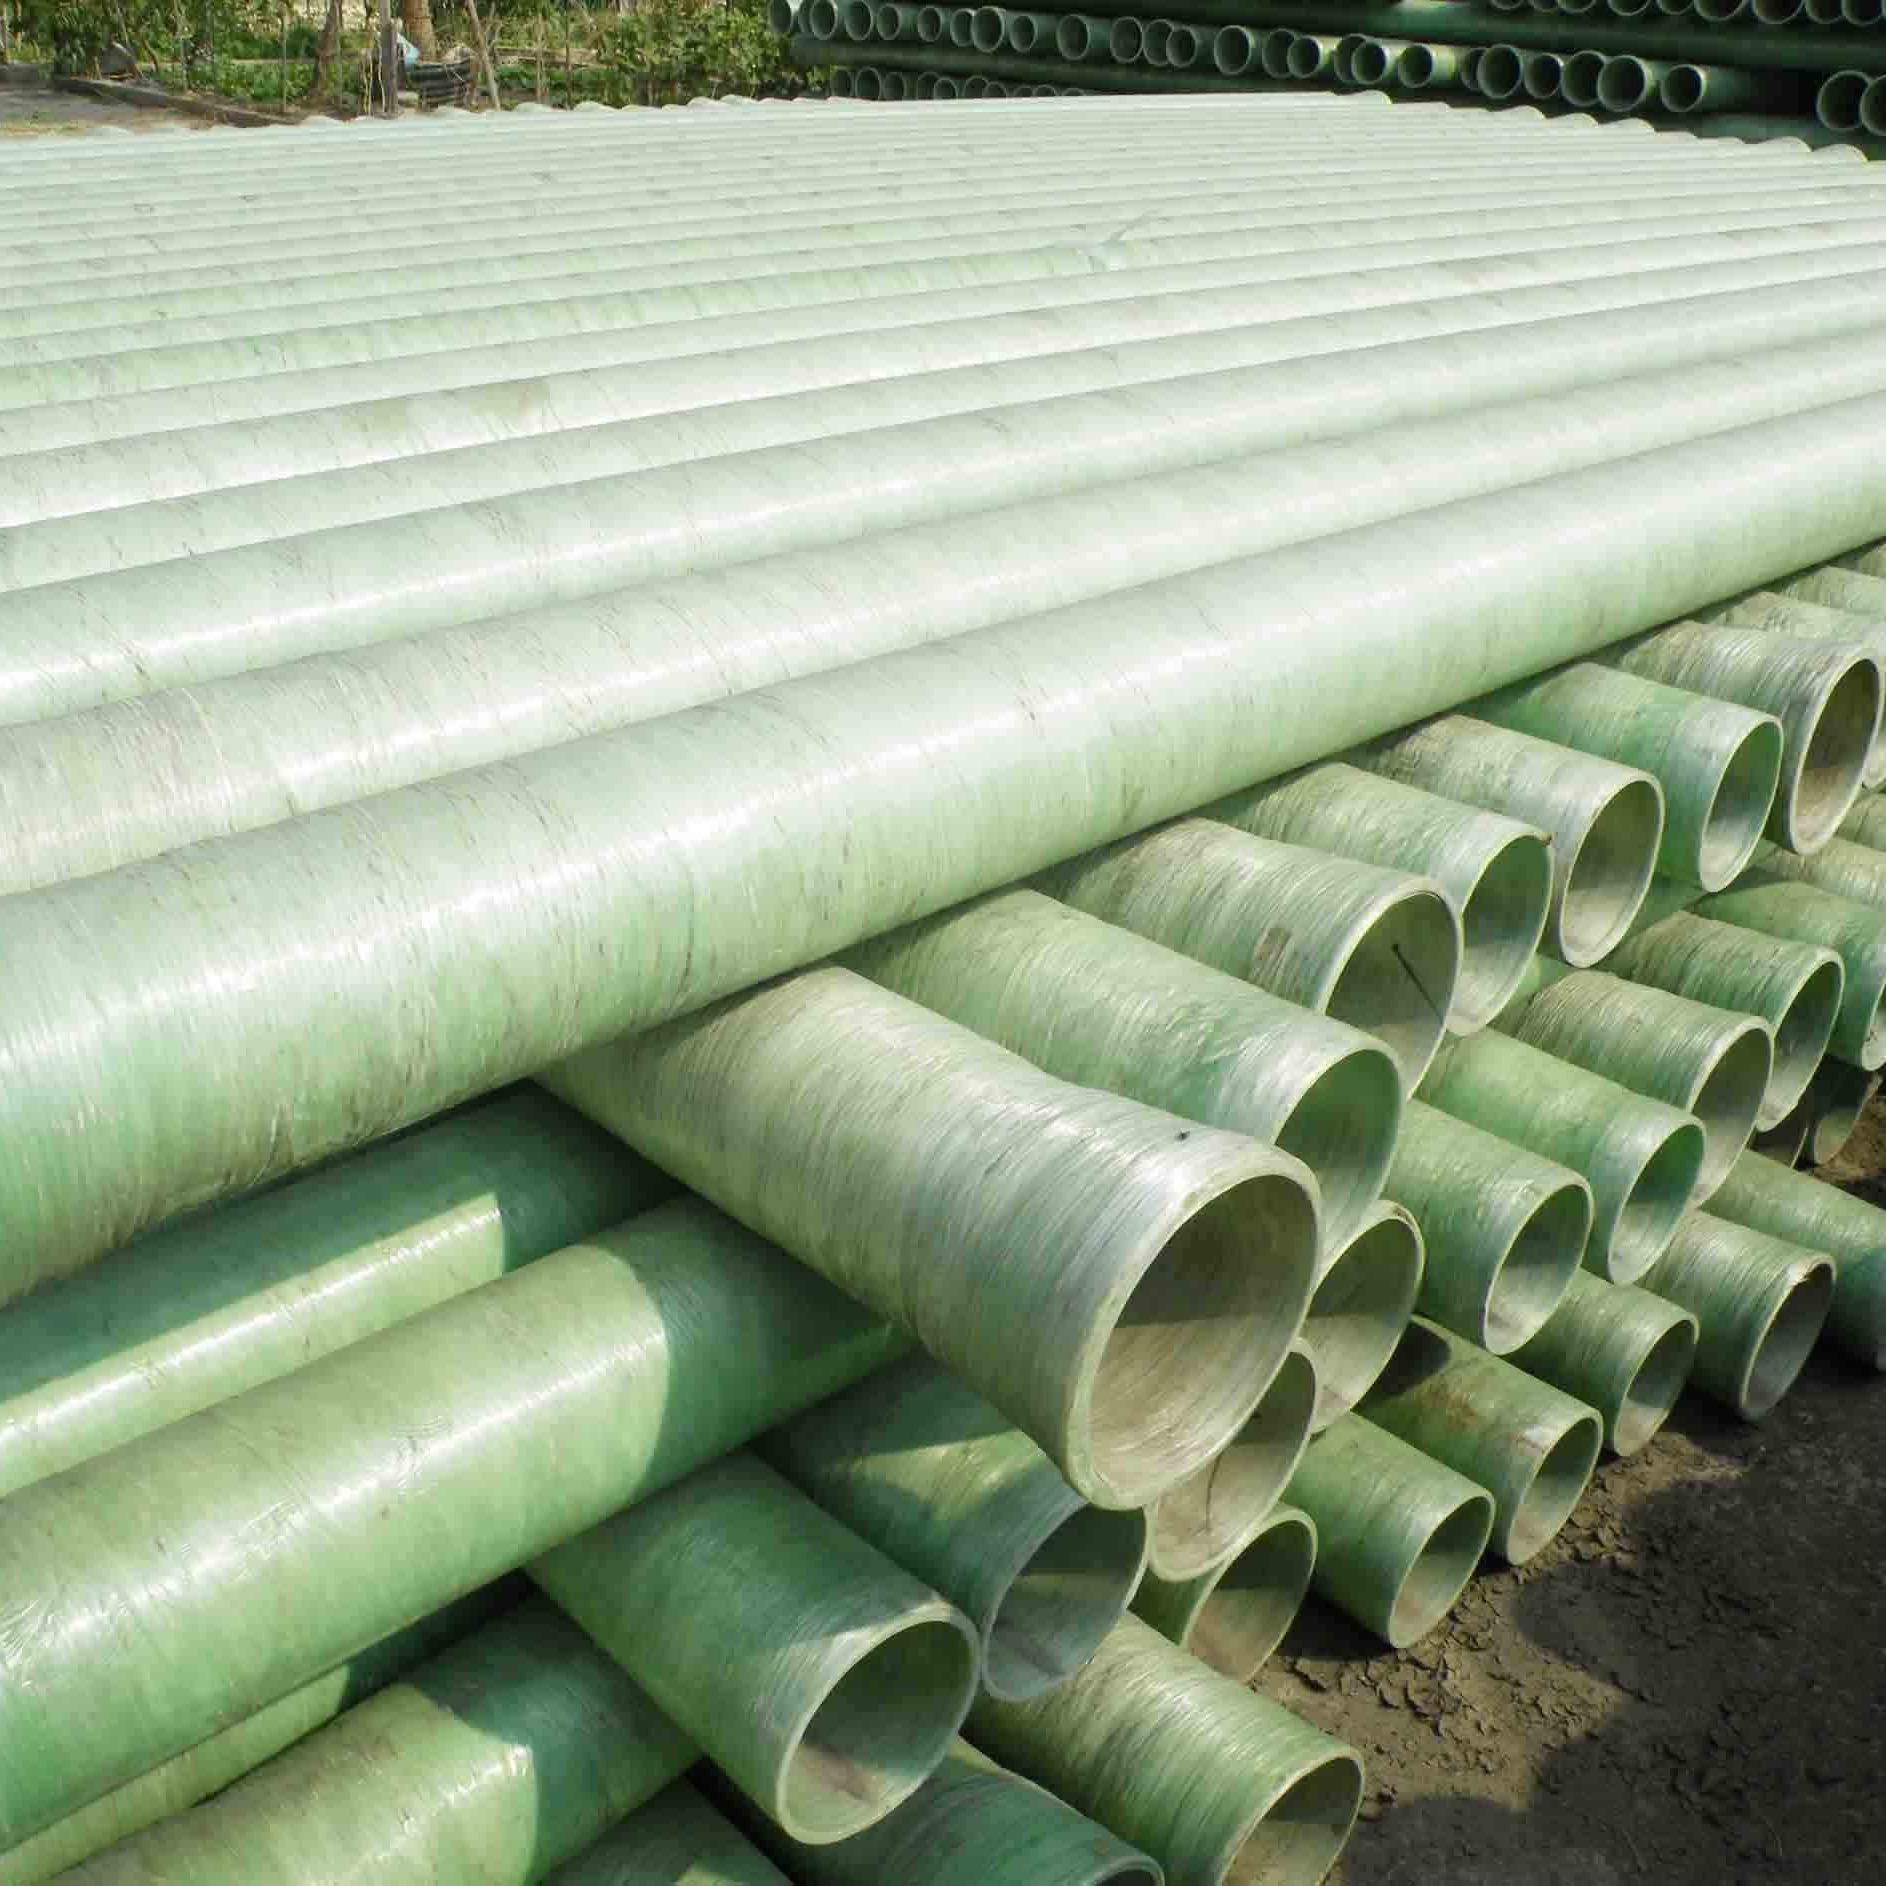 无机玻璃钢管道 有机玻璃钢管道 玻璃钢管道价格玻璃钢管道厂家夹砂玻璃钢管道